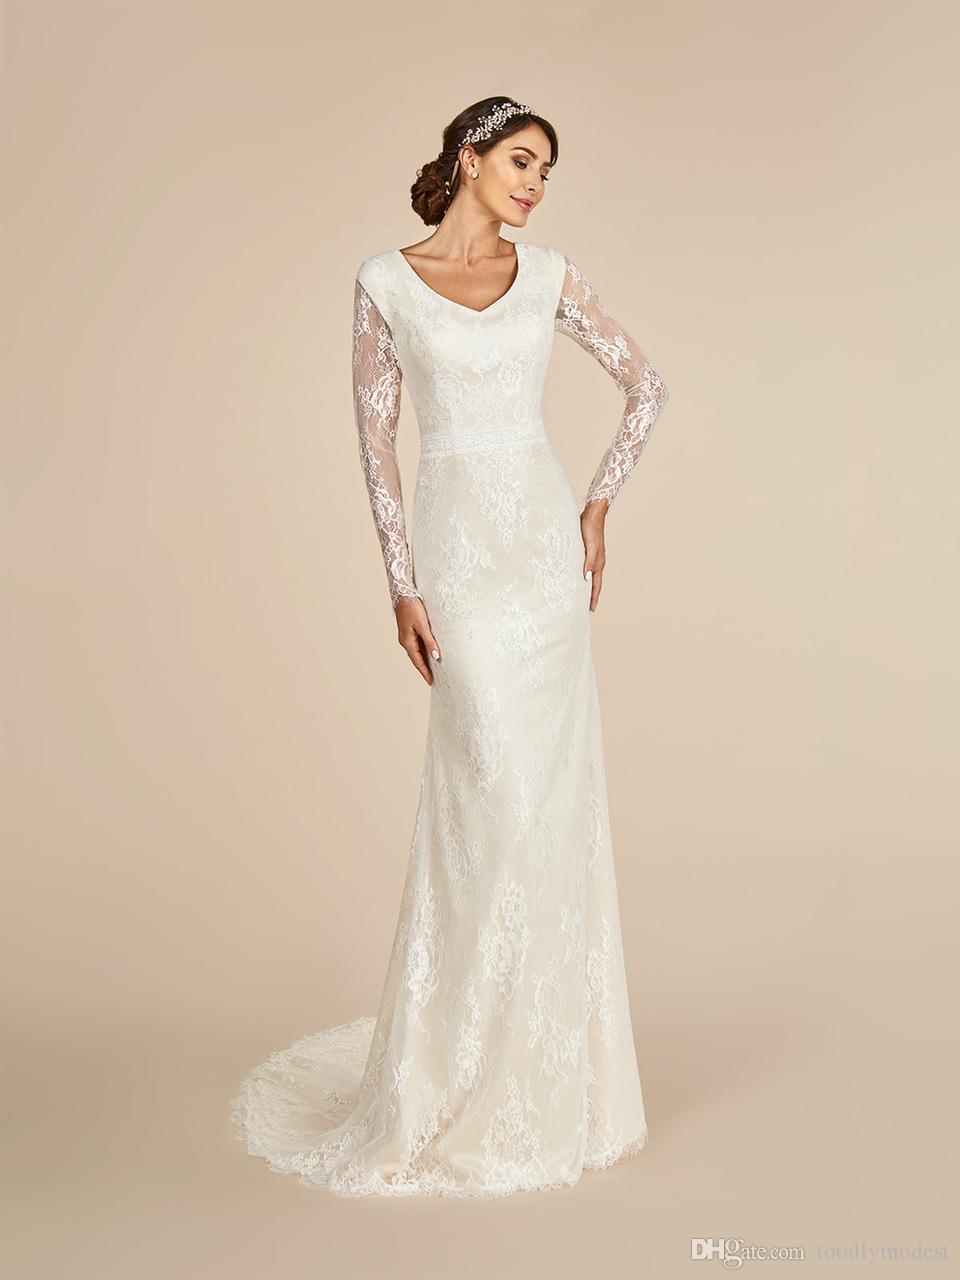 Vintage Spitze Mermaid Brautkleider Modest mit langen Ärmeln V-Ausschnitt Buttons Schwarz Champagne LDS Modest Brautkleider Spitze Ärmel Braut Kleid